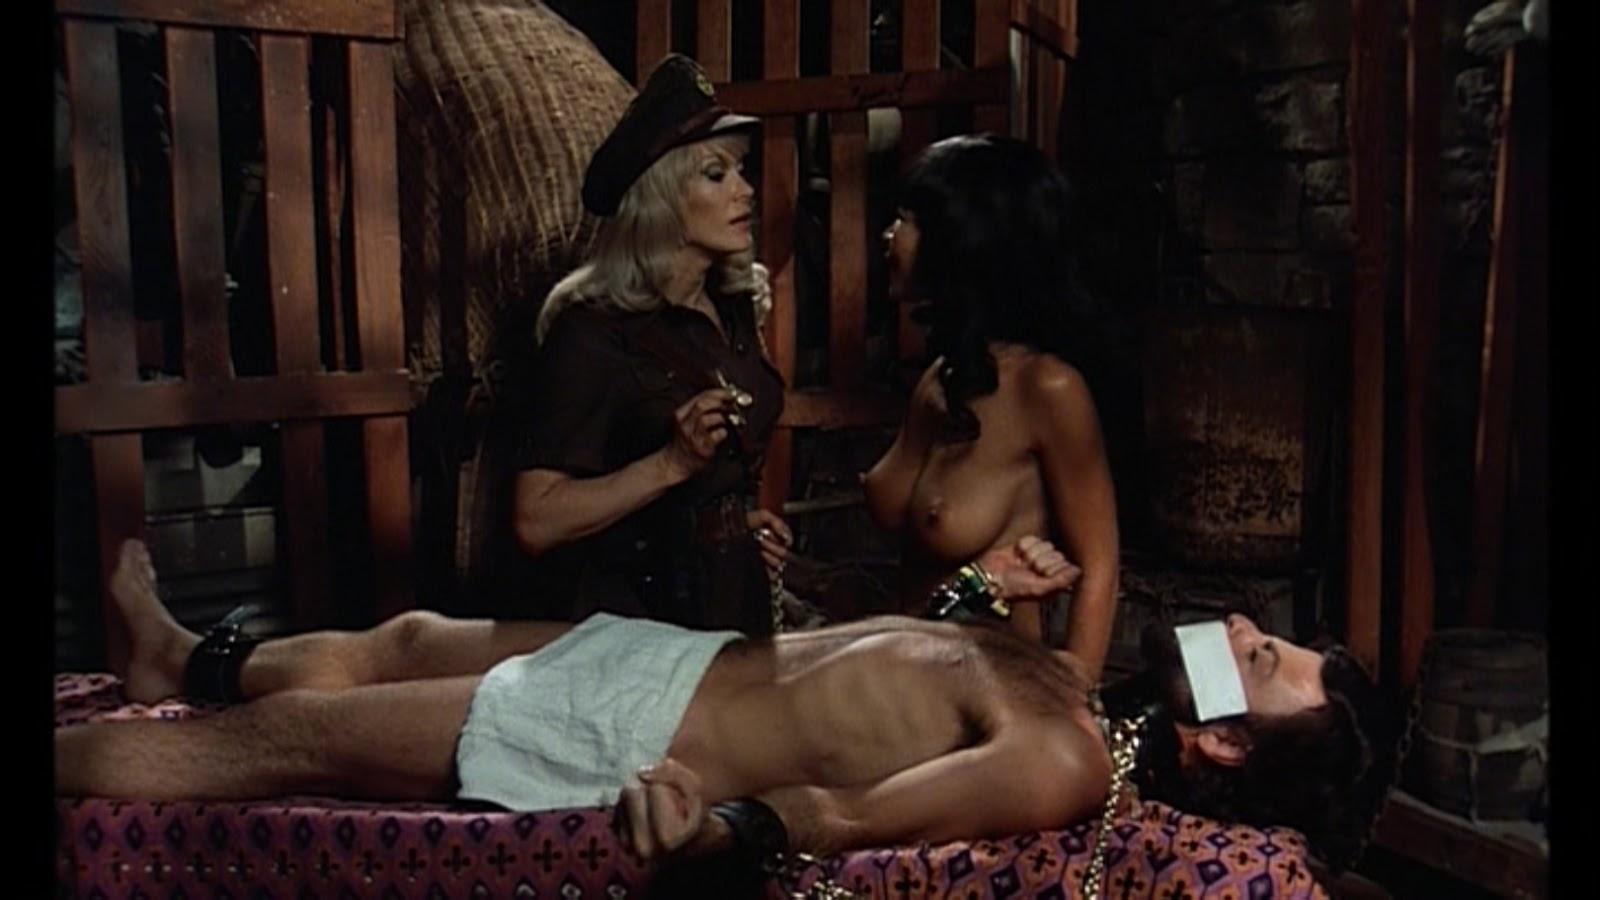 полнометражное эротическое кино с переводом порно